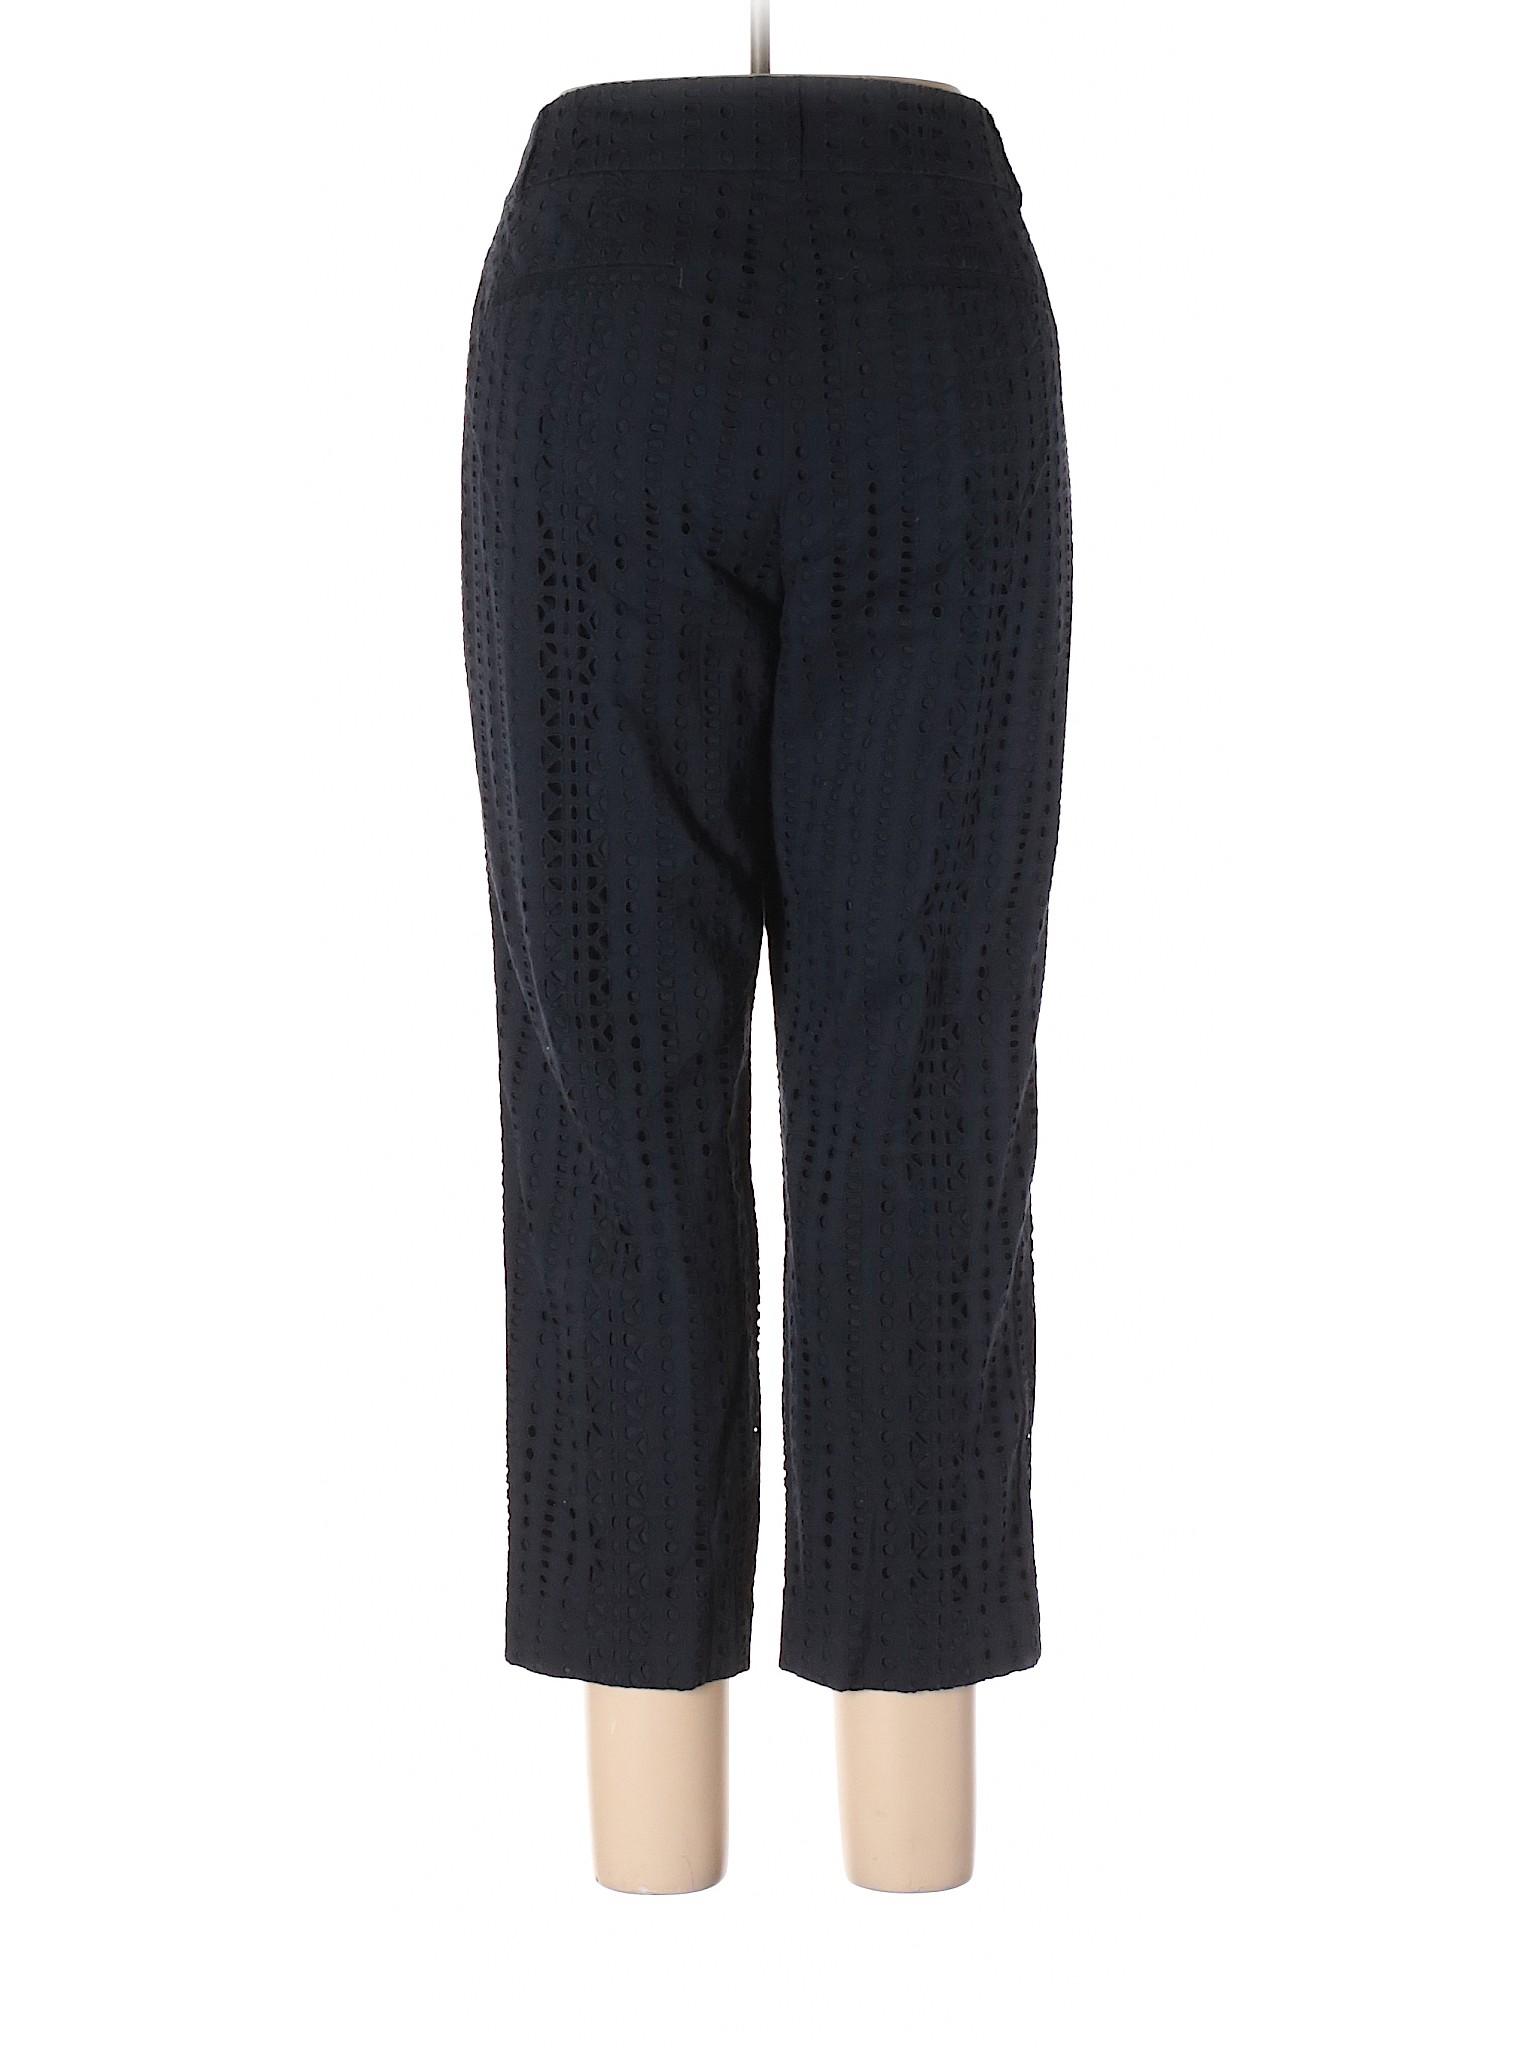 Boutique Dress Pants LOFT Taylor Ann winter rqwRIfBr